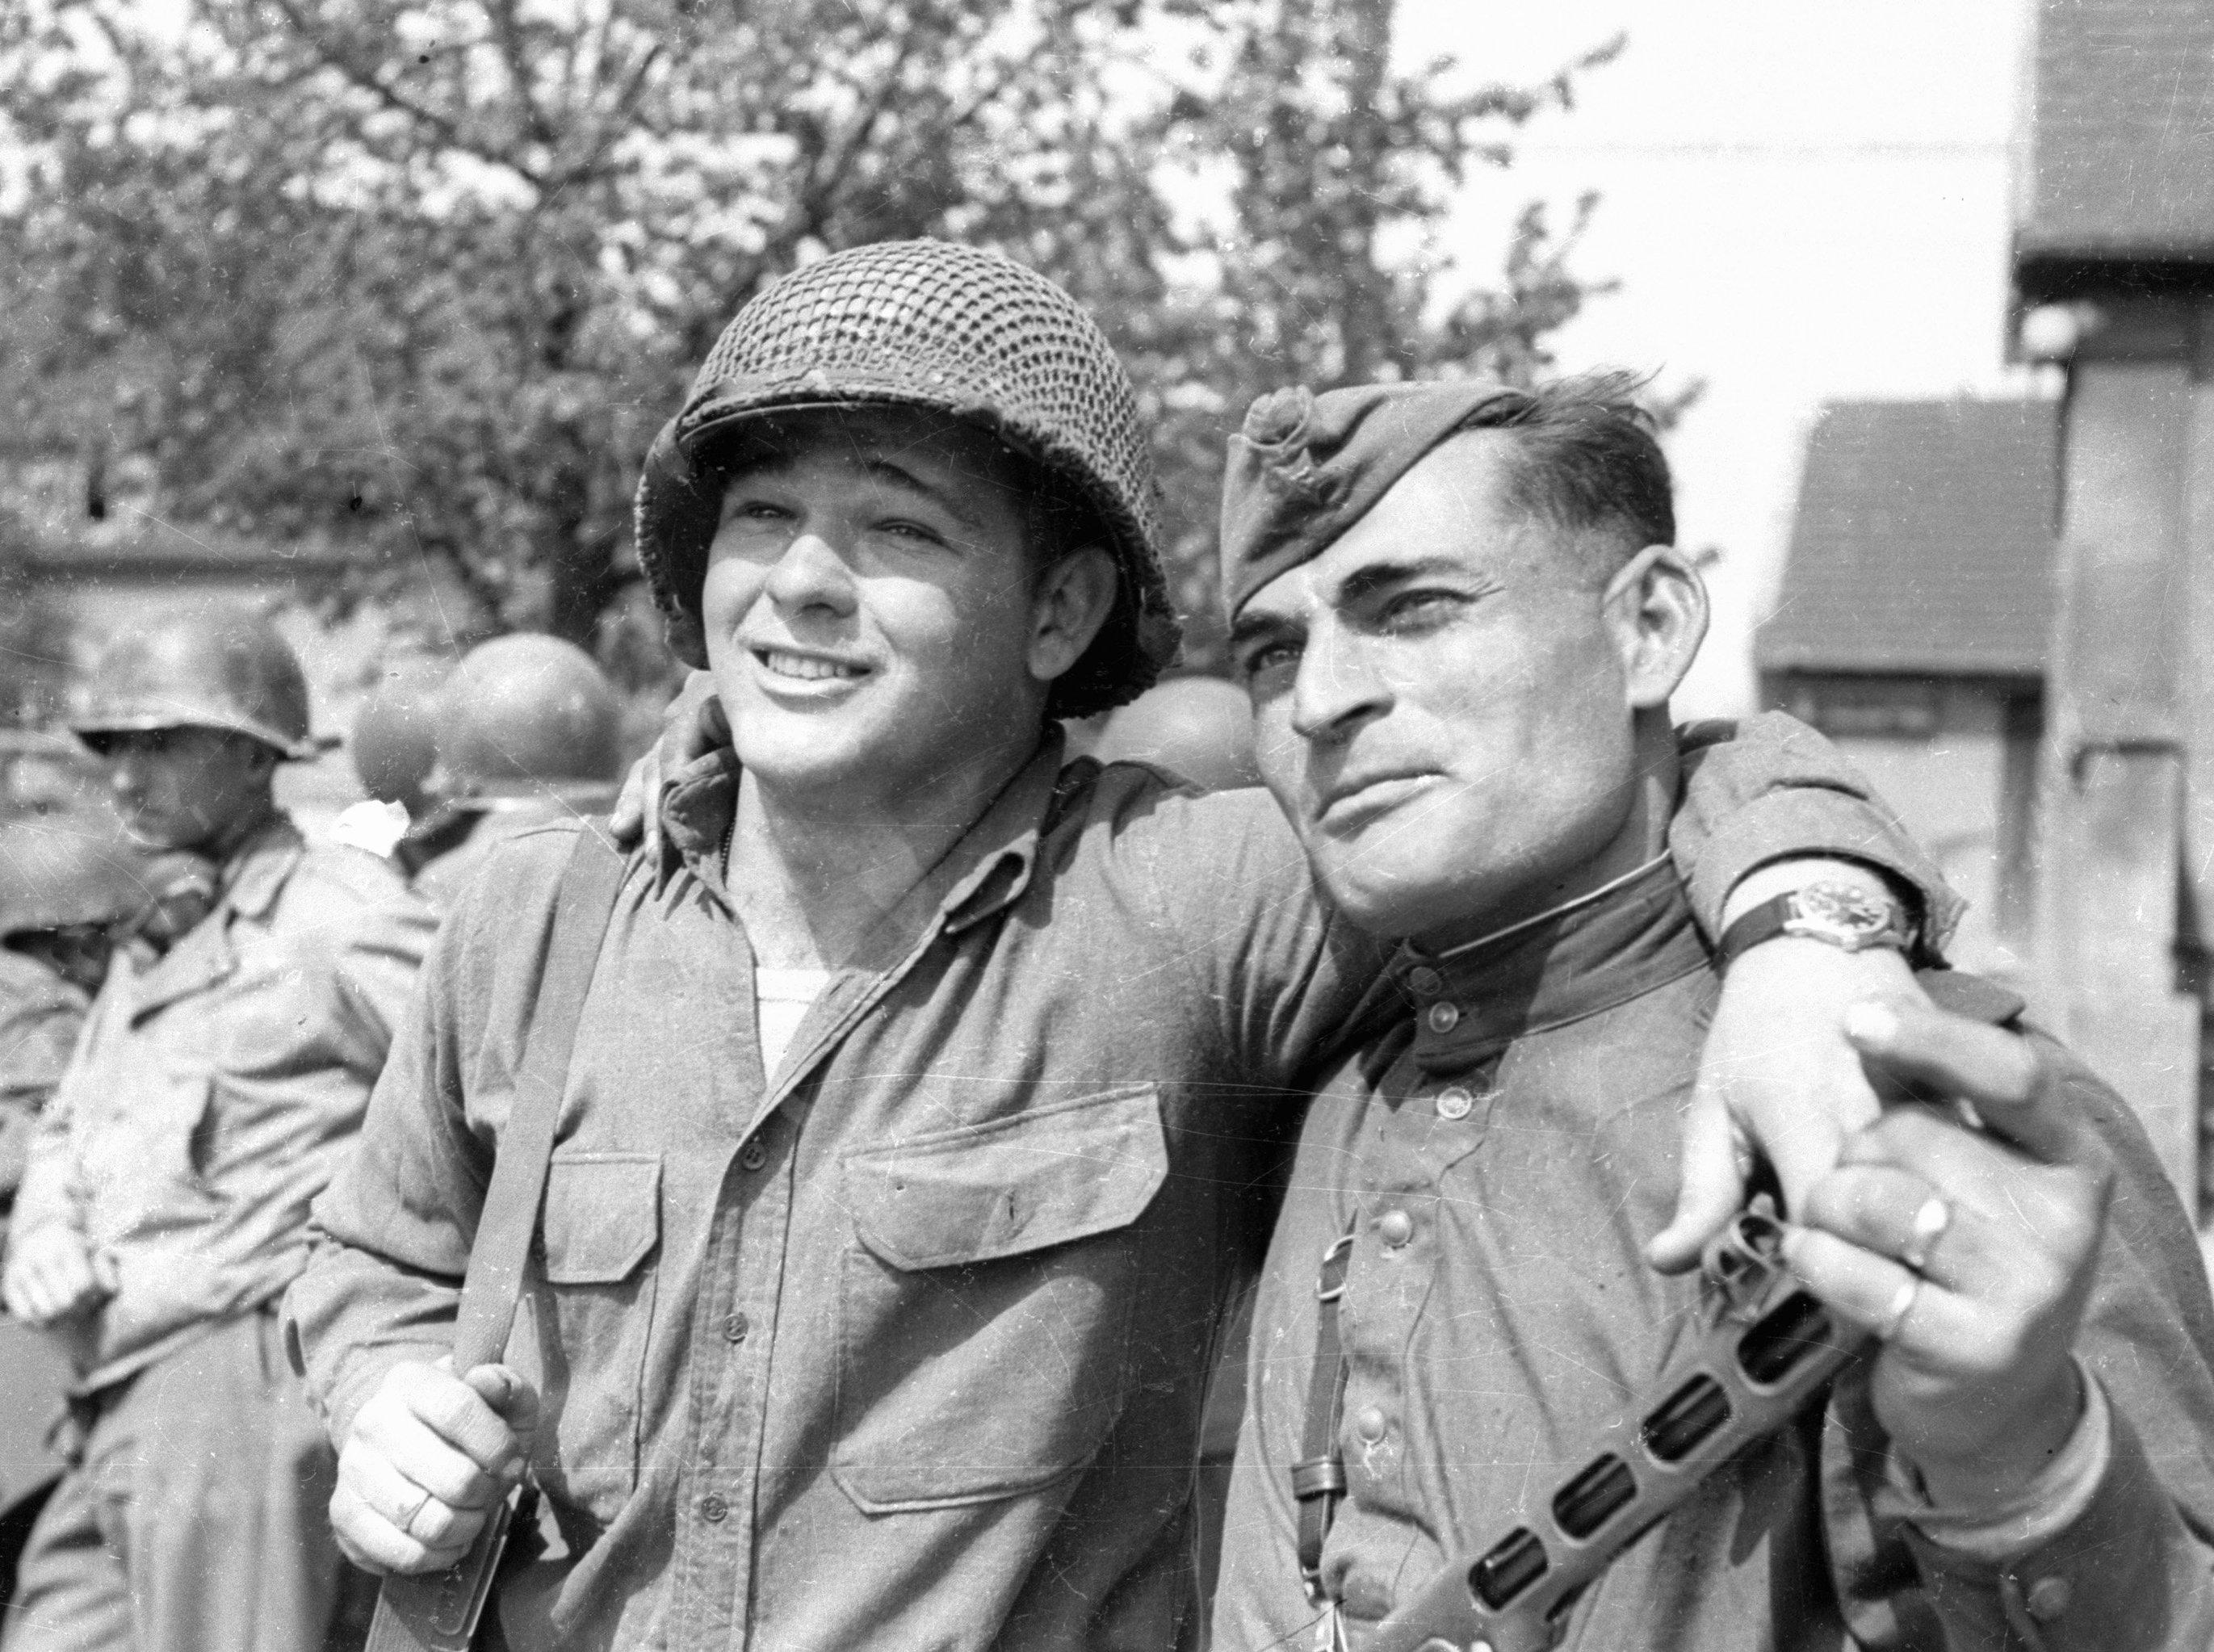 Soldado norte-americano Byron Shiver e o soldado do Exército Vermelho Ivan Numladze durante o encontro de tropas dos aliados nas margens do rio Elba, Alemanha, abril de 1945